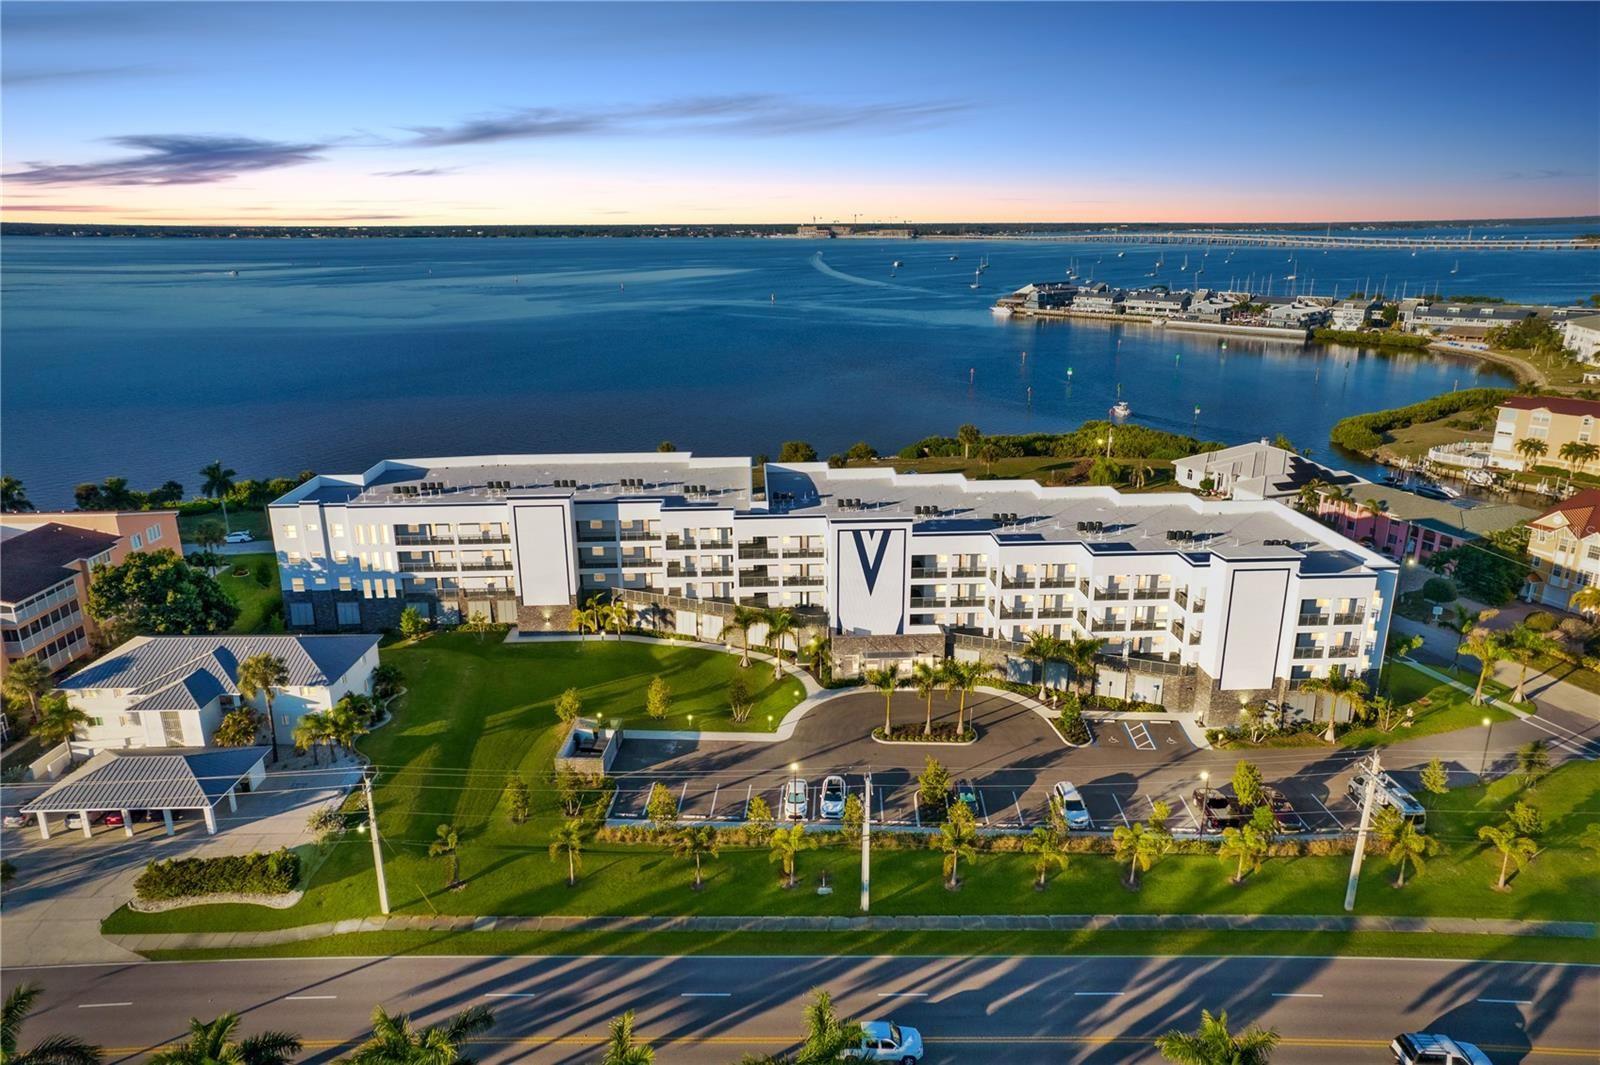 1425 PARK BEACH CIRCLE #122, Punta Gorda, FL 33950 - #: C7445616